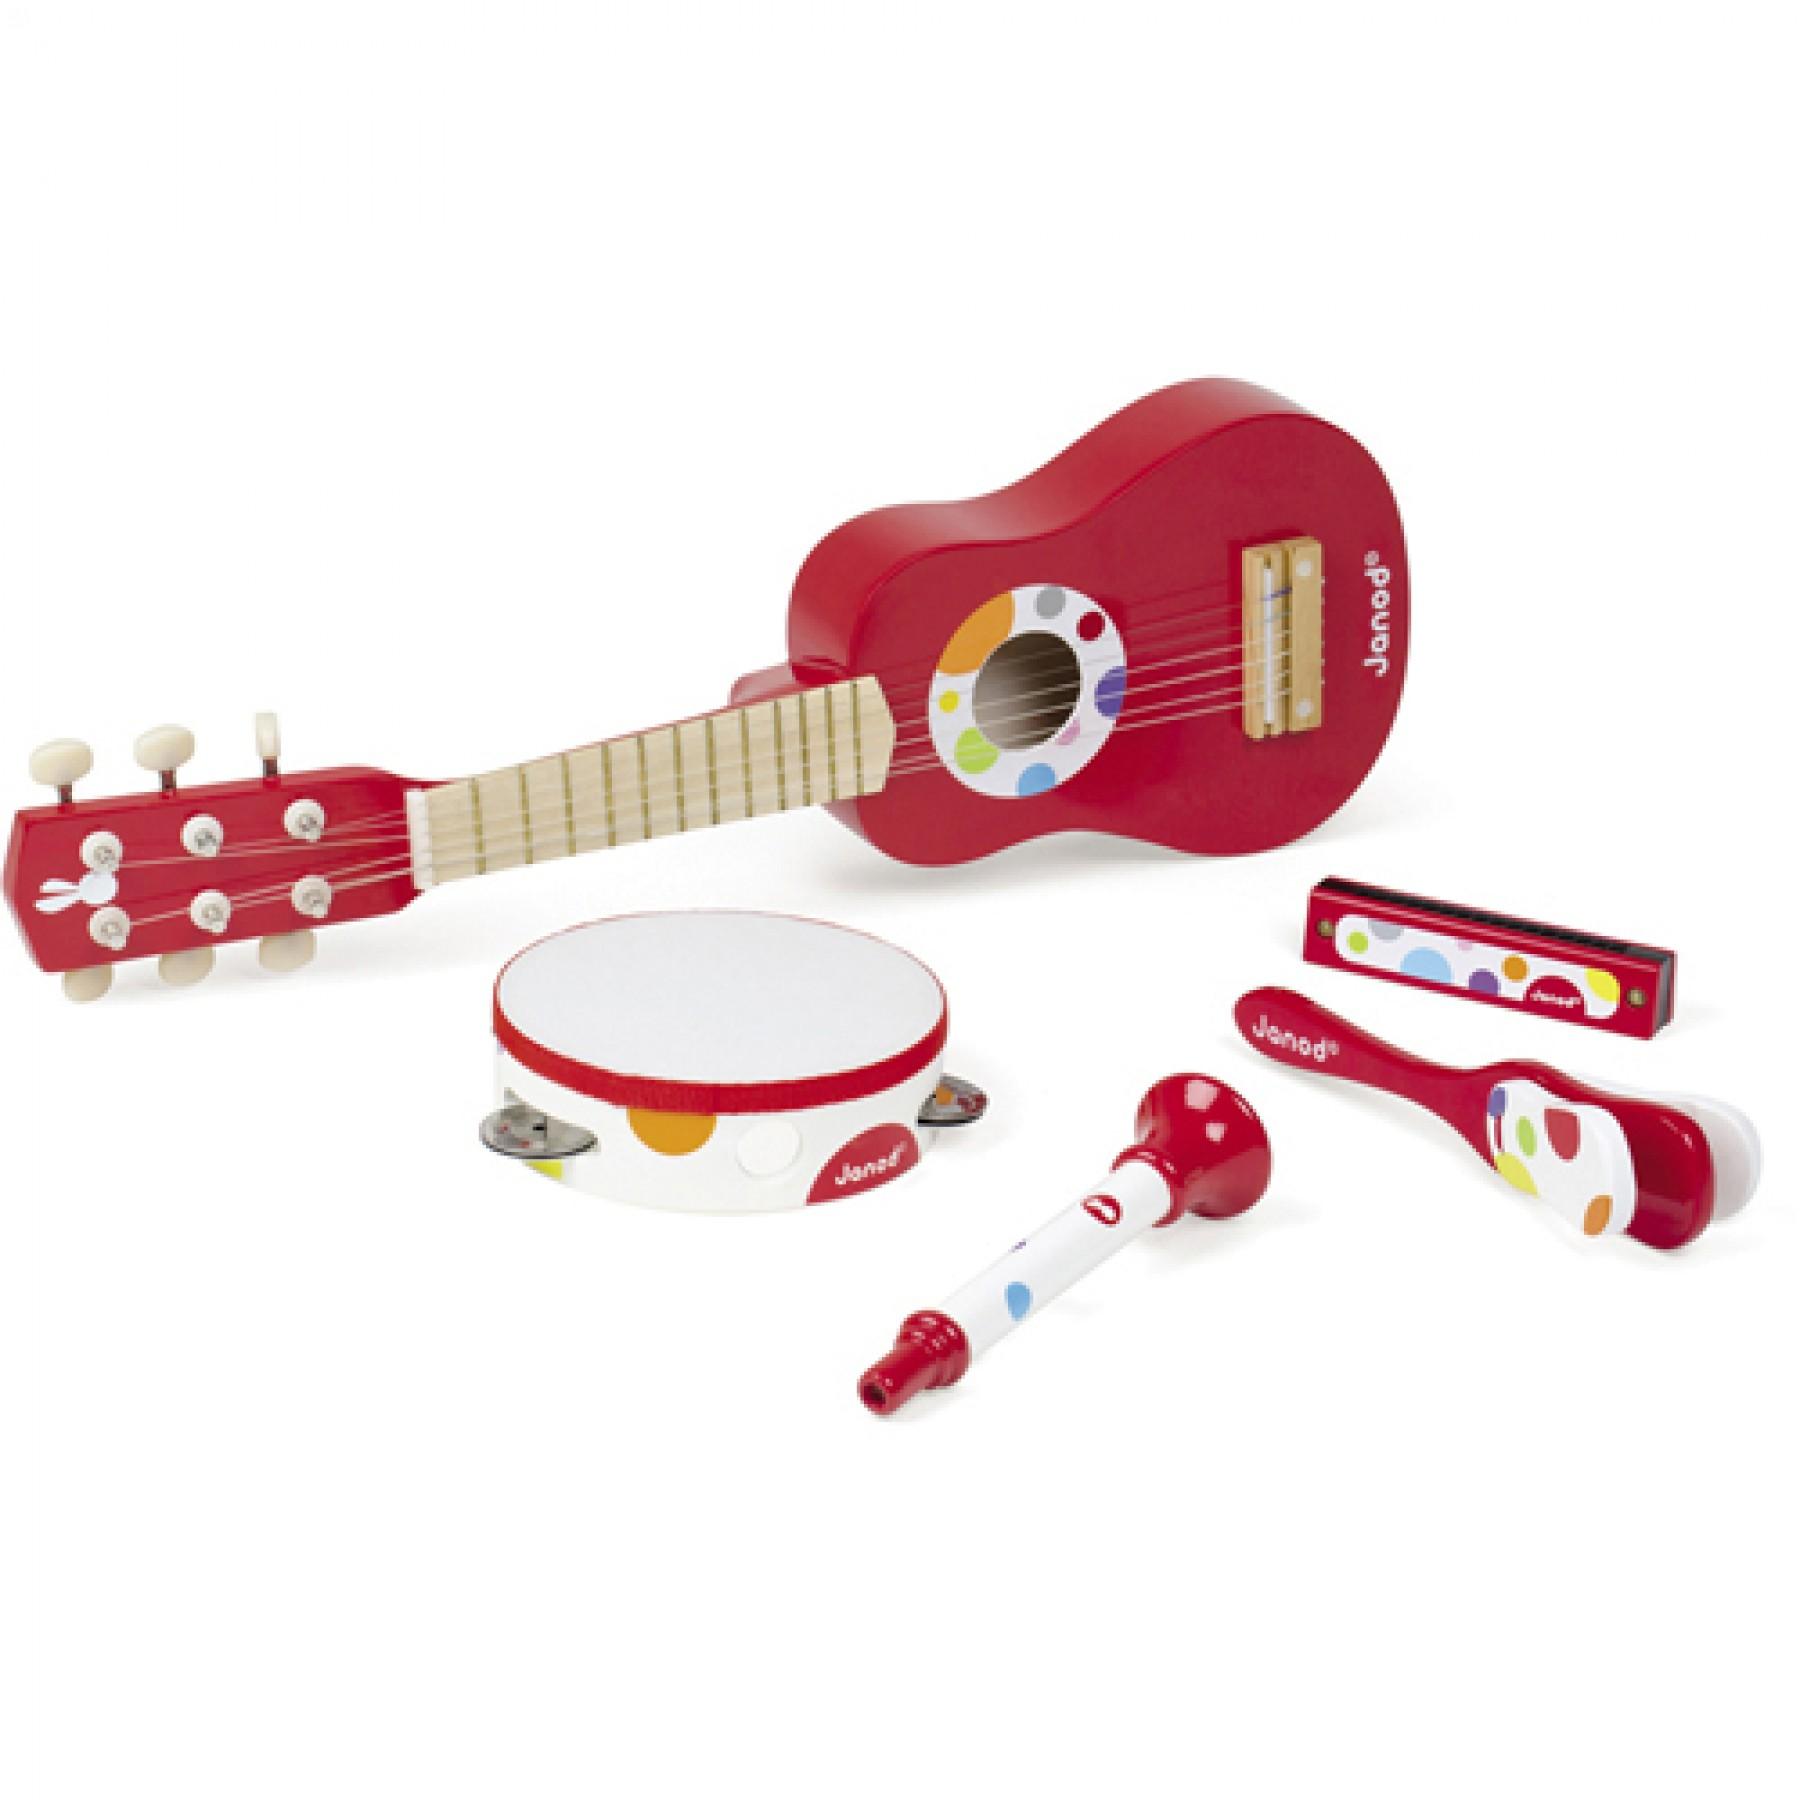 Набор красных музыкальных инструментов  гитара, бубен, губная гармошка, дудочка, трещотка - Музыкальные наборы, артикул: 160417